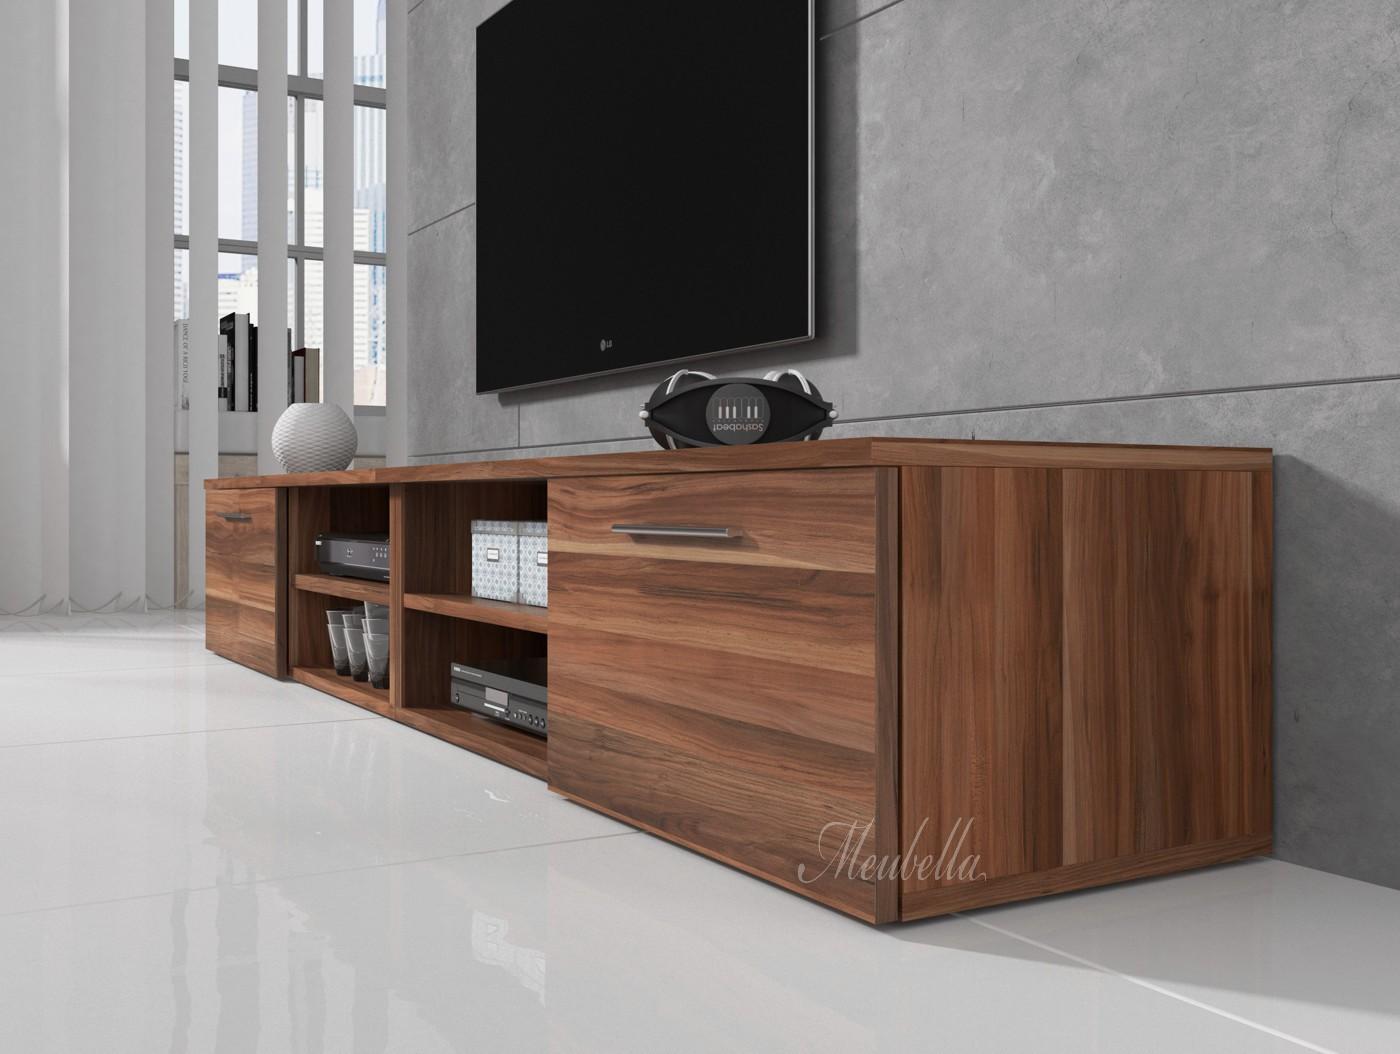 Tv meubel bash ii eiken 240 cm tv meubels kasten for Showroommodellen design meubels